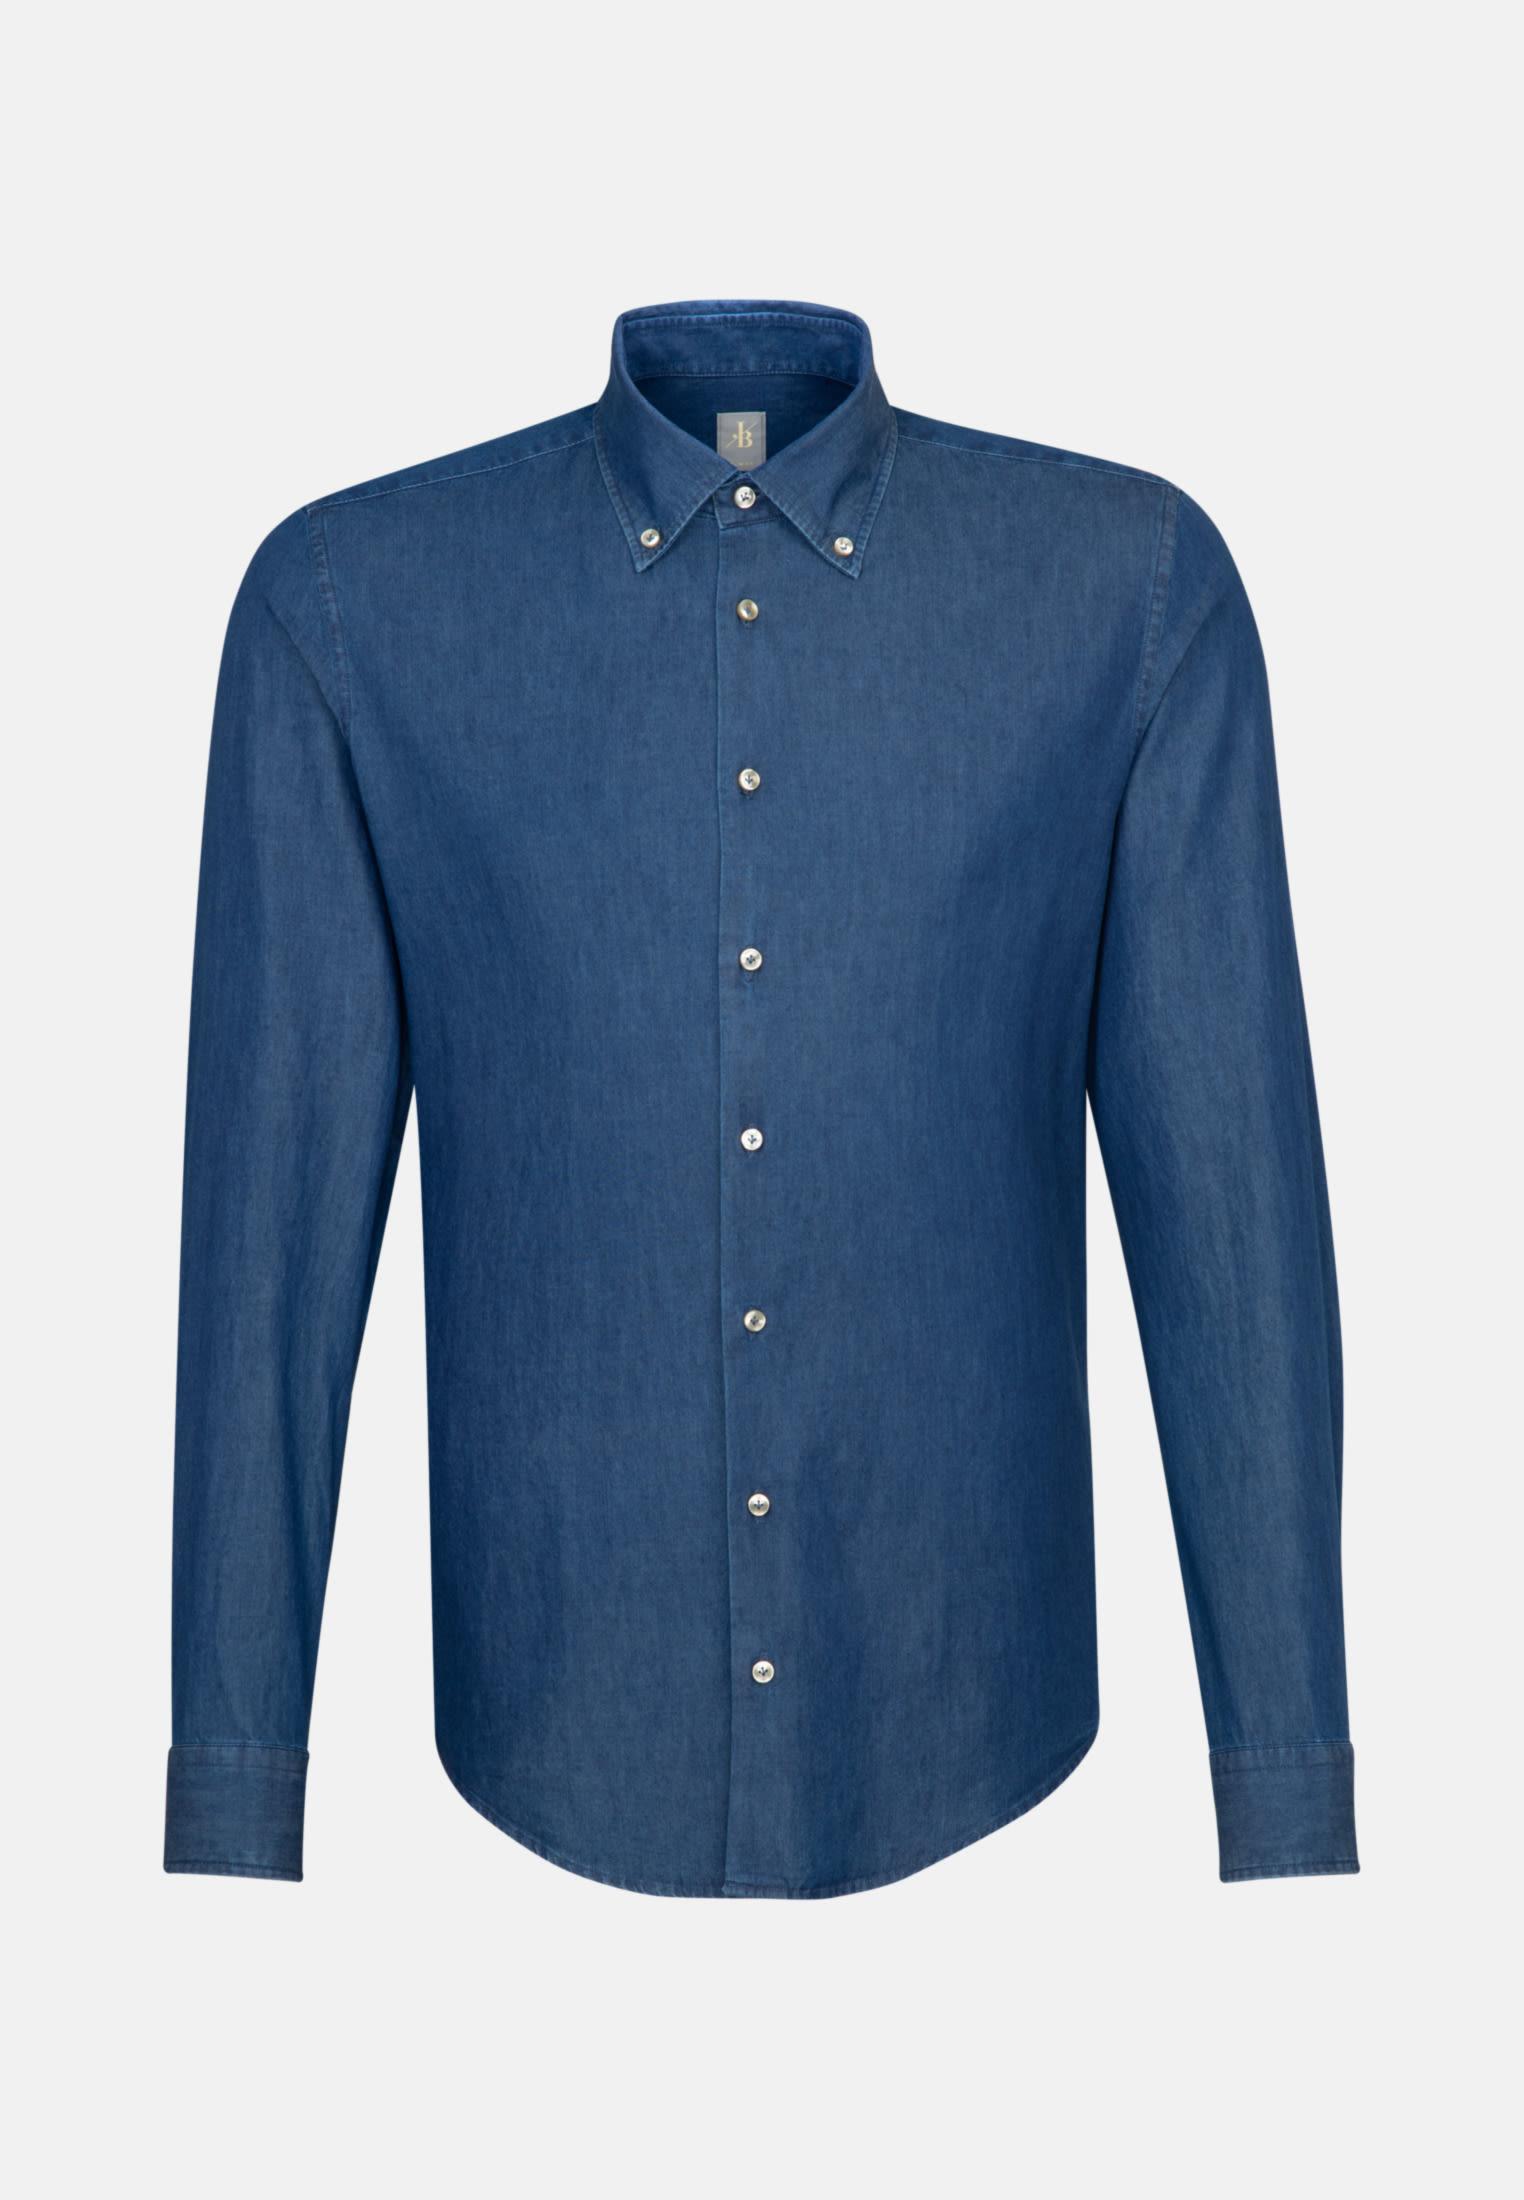 Denim Smart Casual Hemd in Slim Fit mit Button-Down-Kragen in Dunkelblau |  Jacques Britt Onlineshop